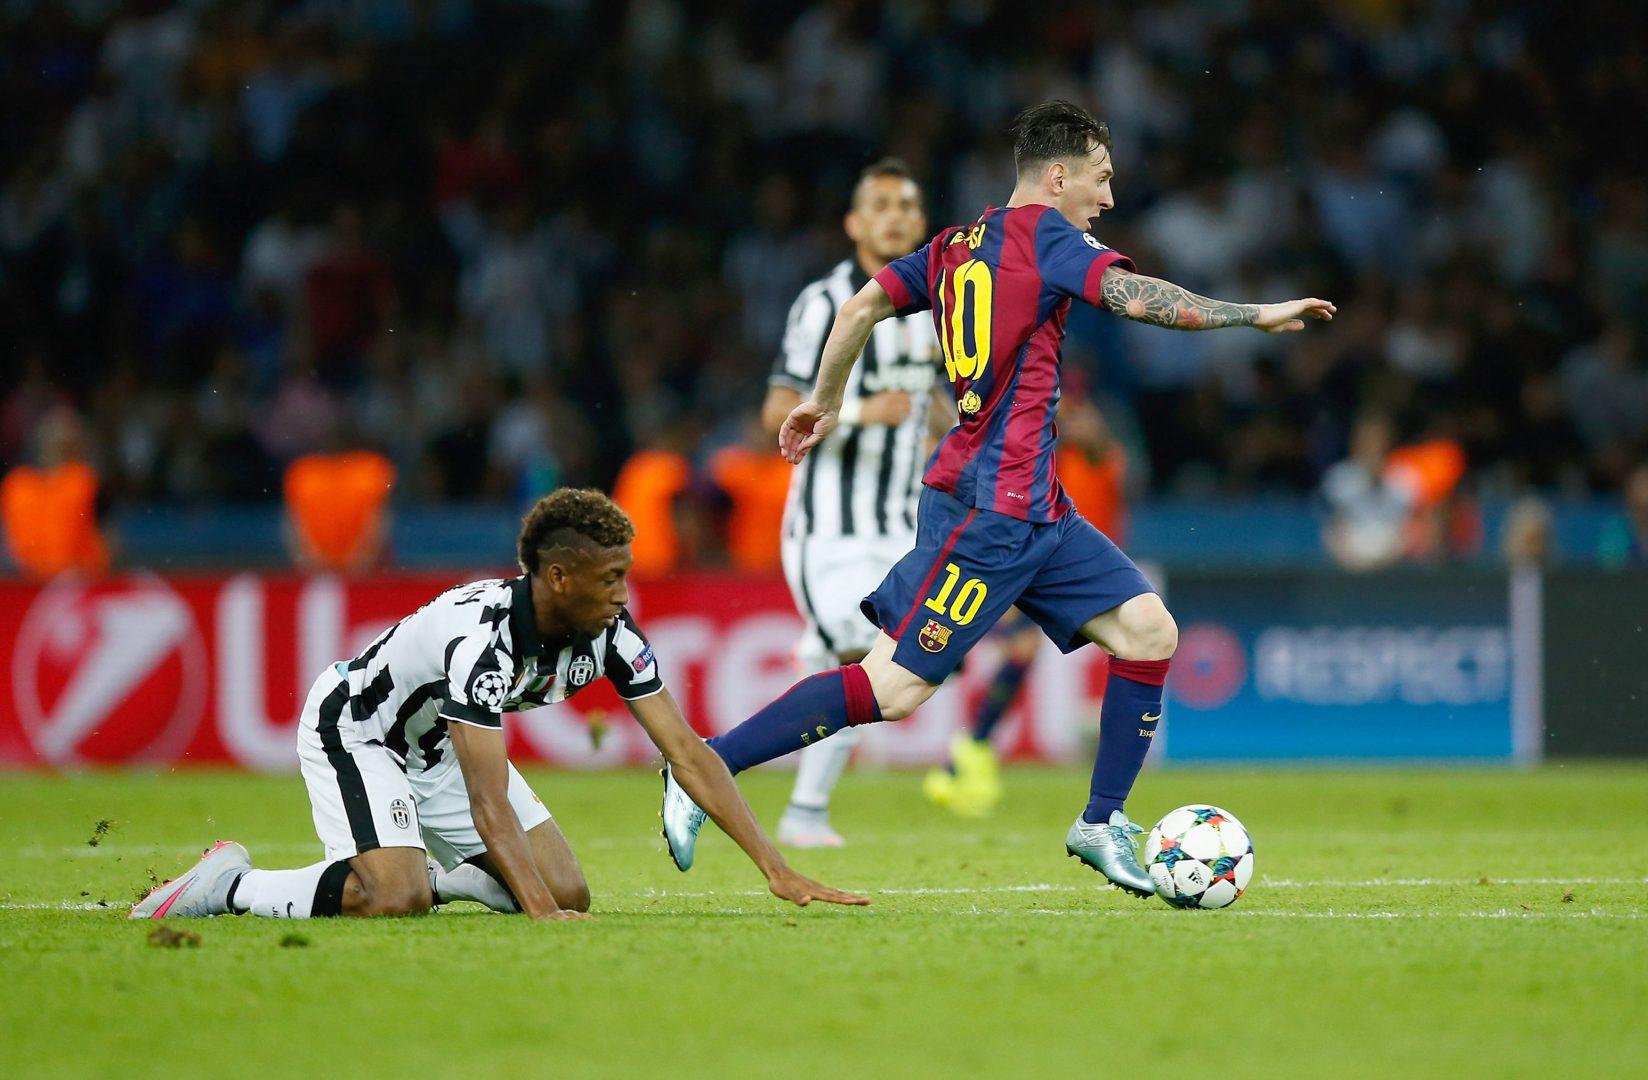 УЕФА Шампионска лига УЕФА Шампионска лига: турнирът на необикновените мачове А1 Блог